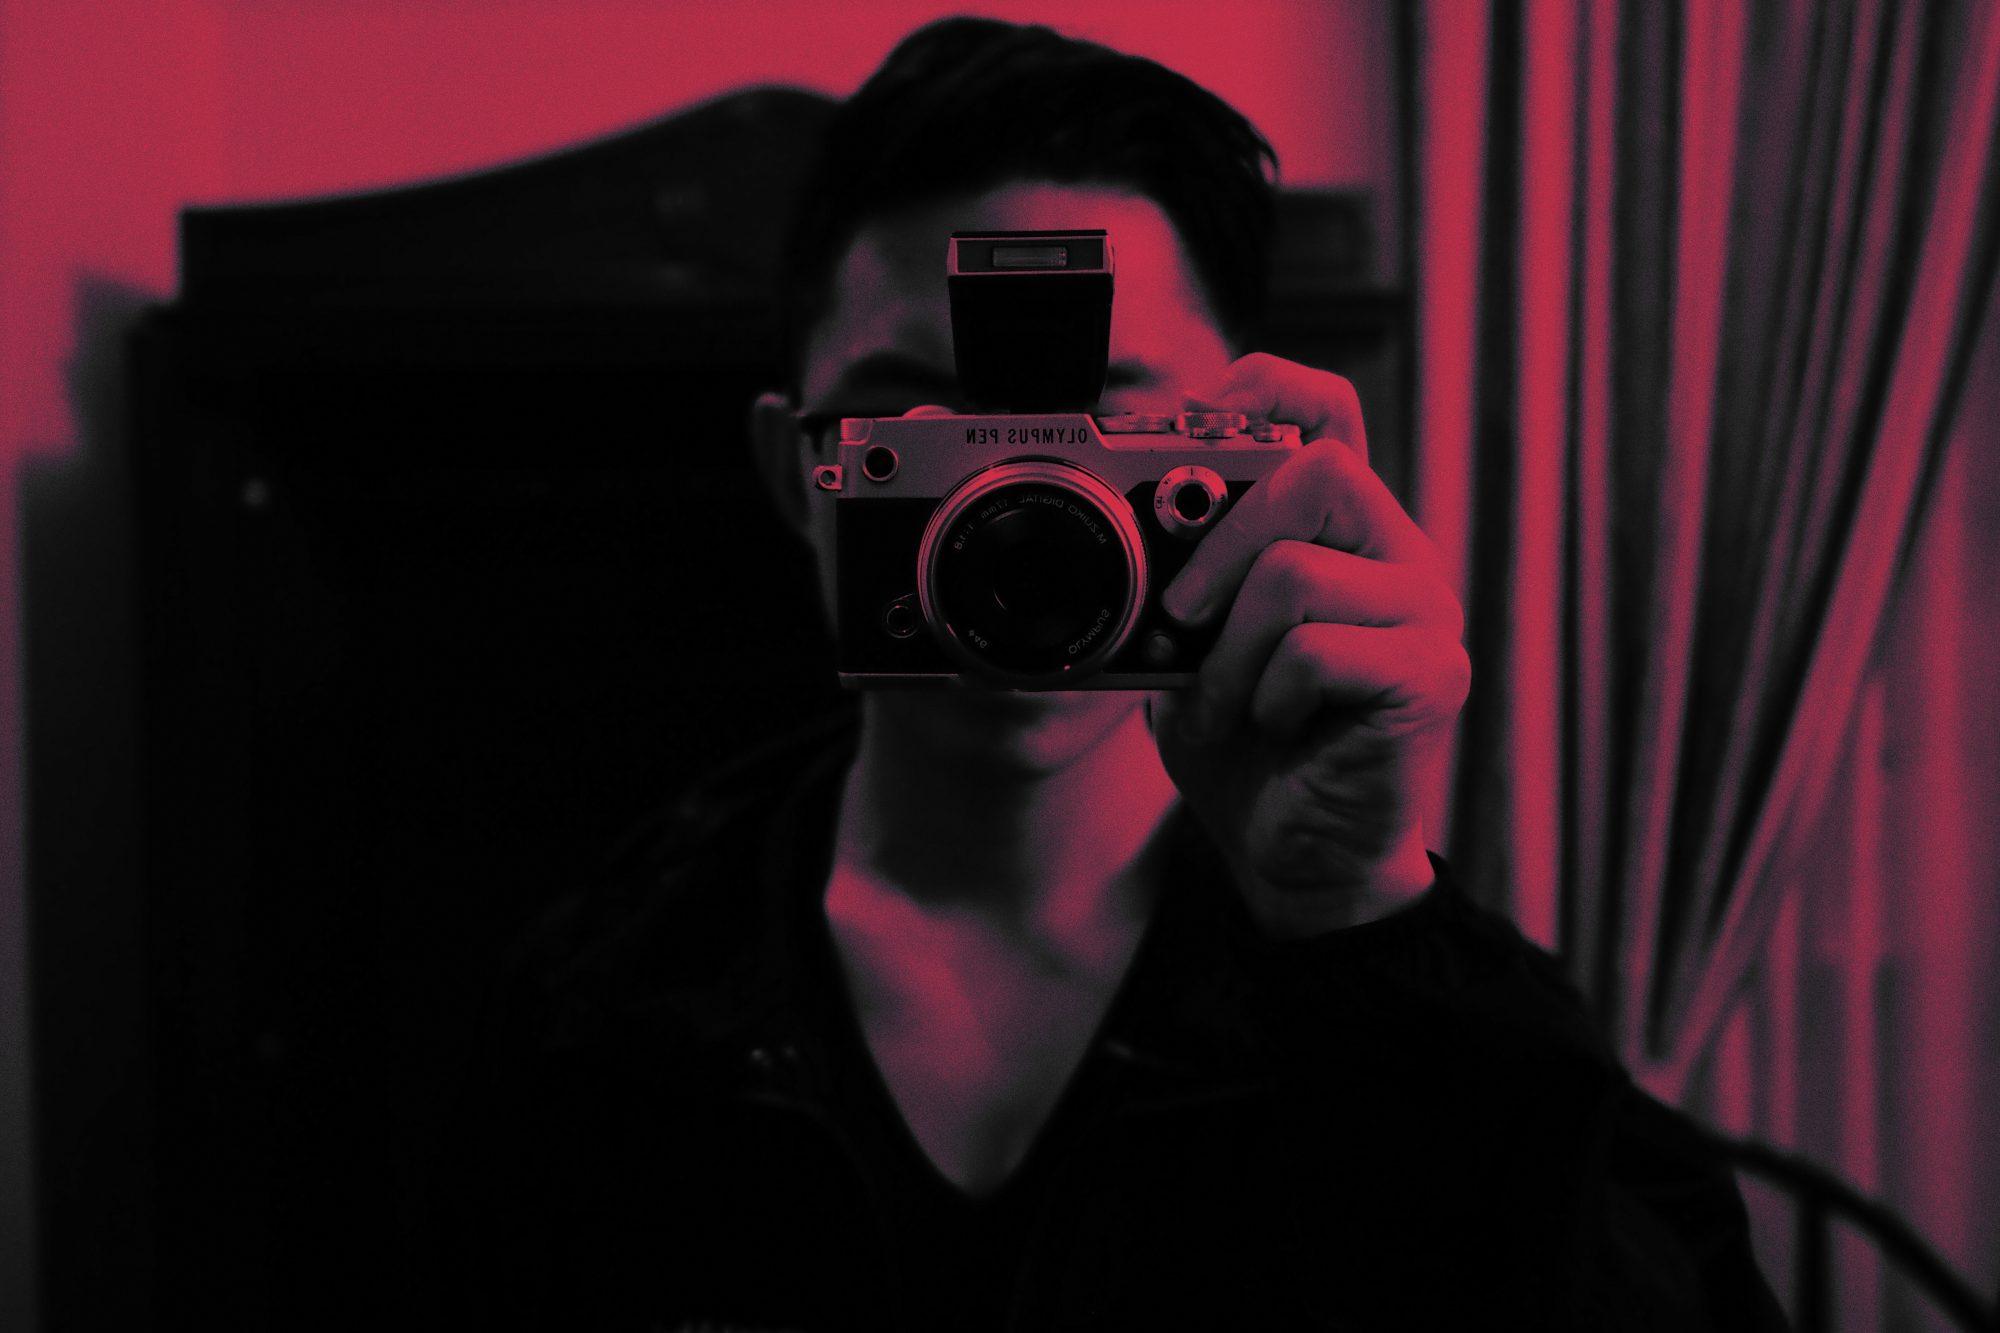 Eric Kim selfie red